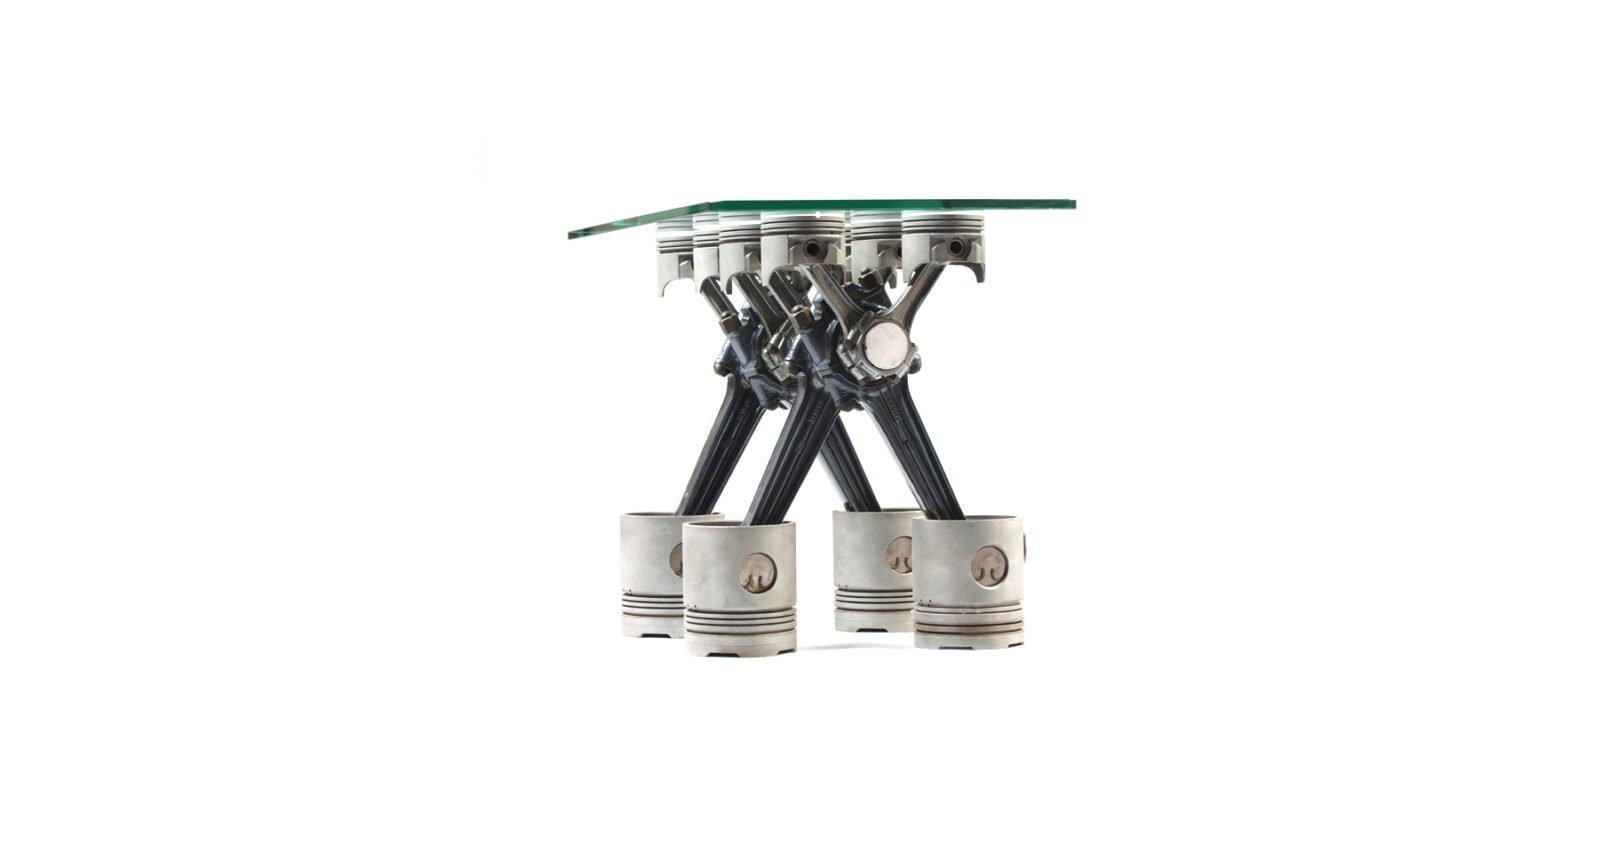 Piston Table 1 1600x853 - Piston Table